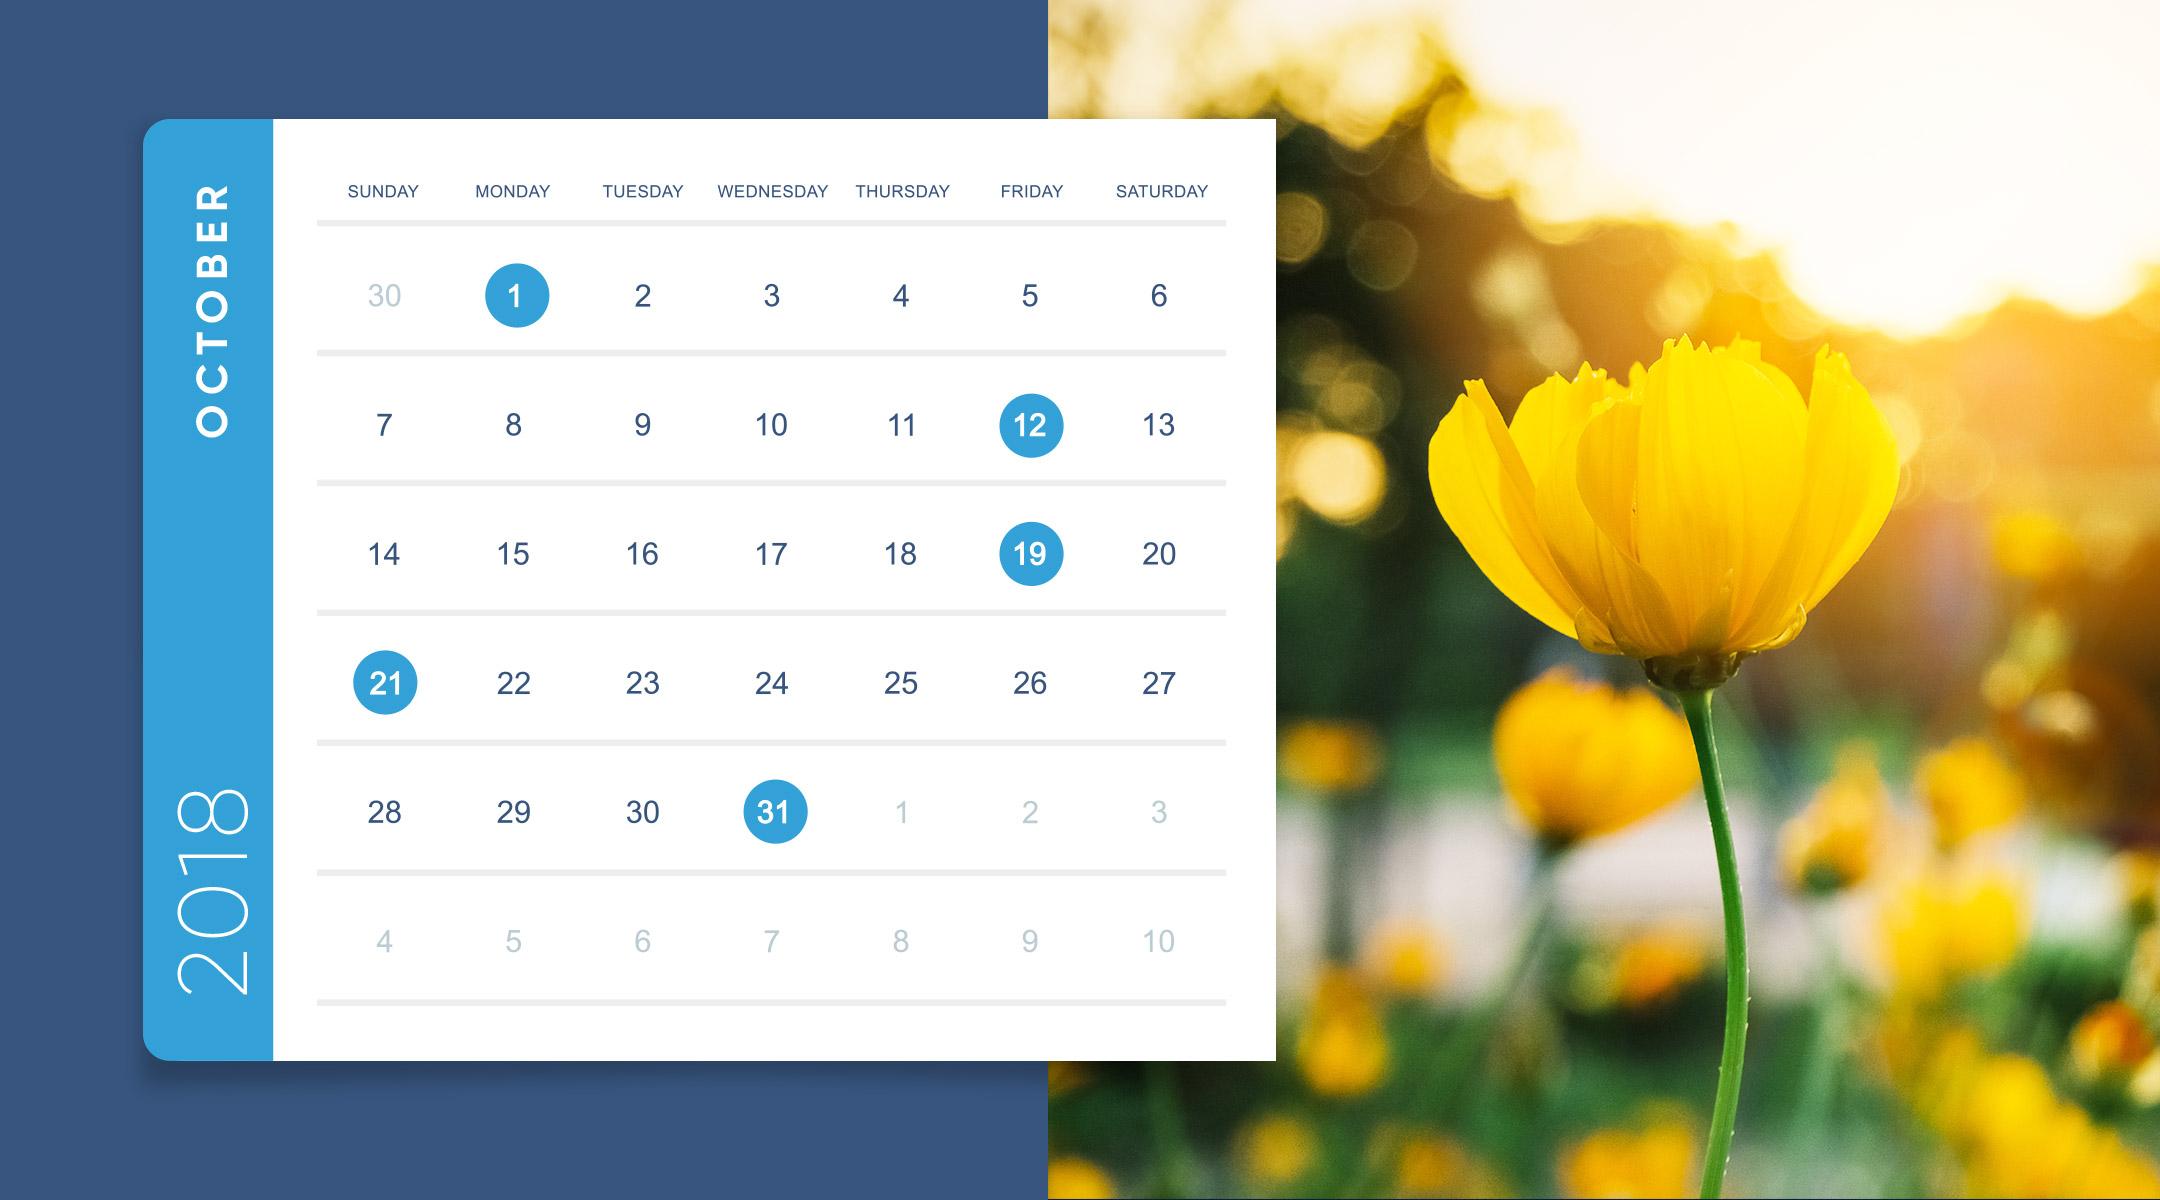 EBANX_holiday_calendar_tn_posts_4th_TRI.jpg